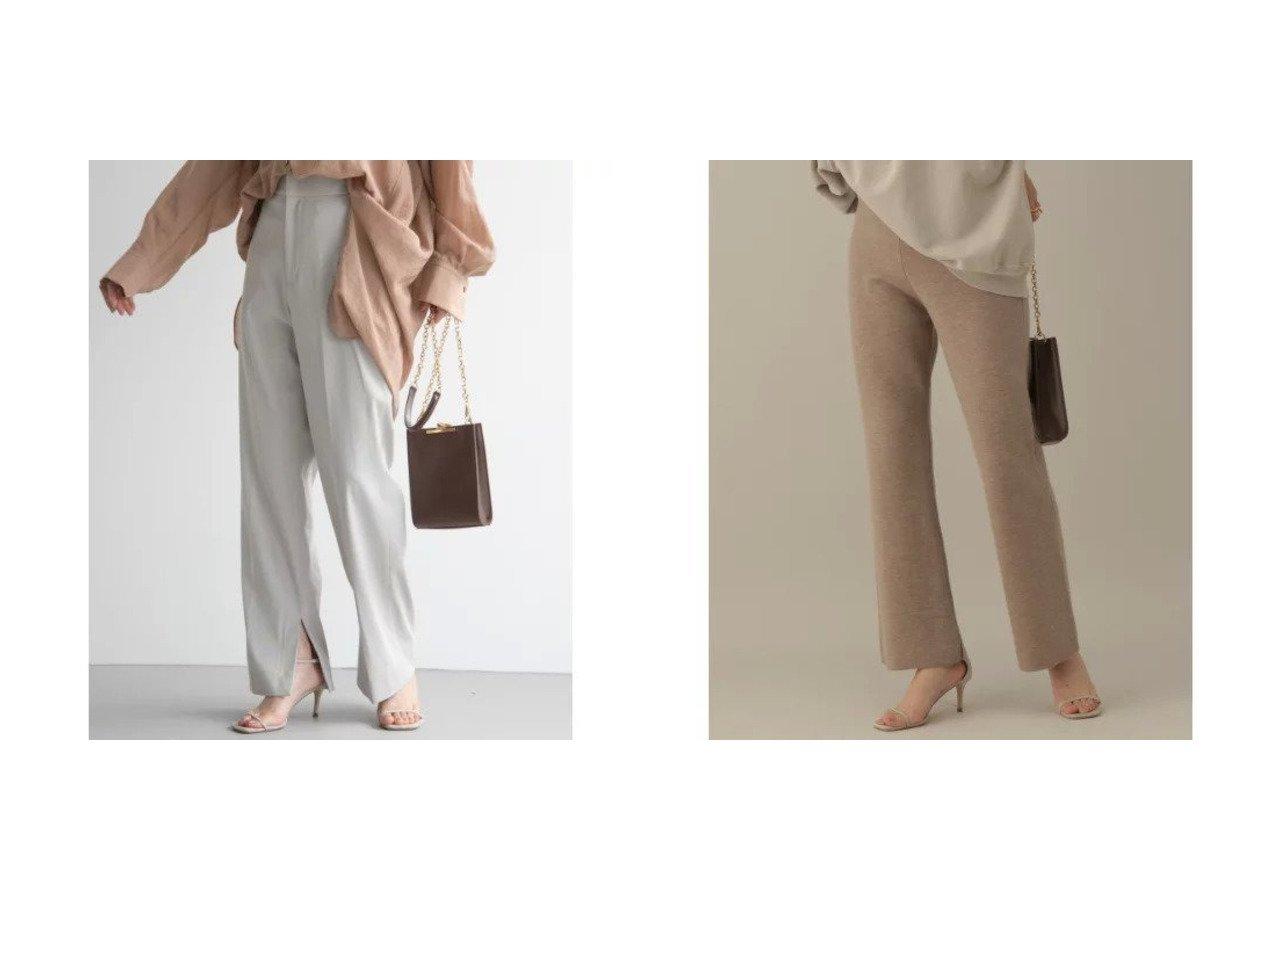 【Chaos/カオス】のミストラチネ スリットパンツ&ラマーリバー ニットパンツ 【パンツ】おすすめ!人気、トレンド・レディースファッションの通販 おすすめで人気の流行・トレンド、ファッションの通販商品 インテリア・家具・メンズファッション・キッズファッション・レディースファッション・服の通販 founy(ファニー) https://founy.com/ ファッション Fashion レディースファッション WOMEN パンツ Pants キュプラ ストレッチ スリット おすすめ Recommend スウェット セットアップ ダブル フェイス |ID:crp329100000062617